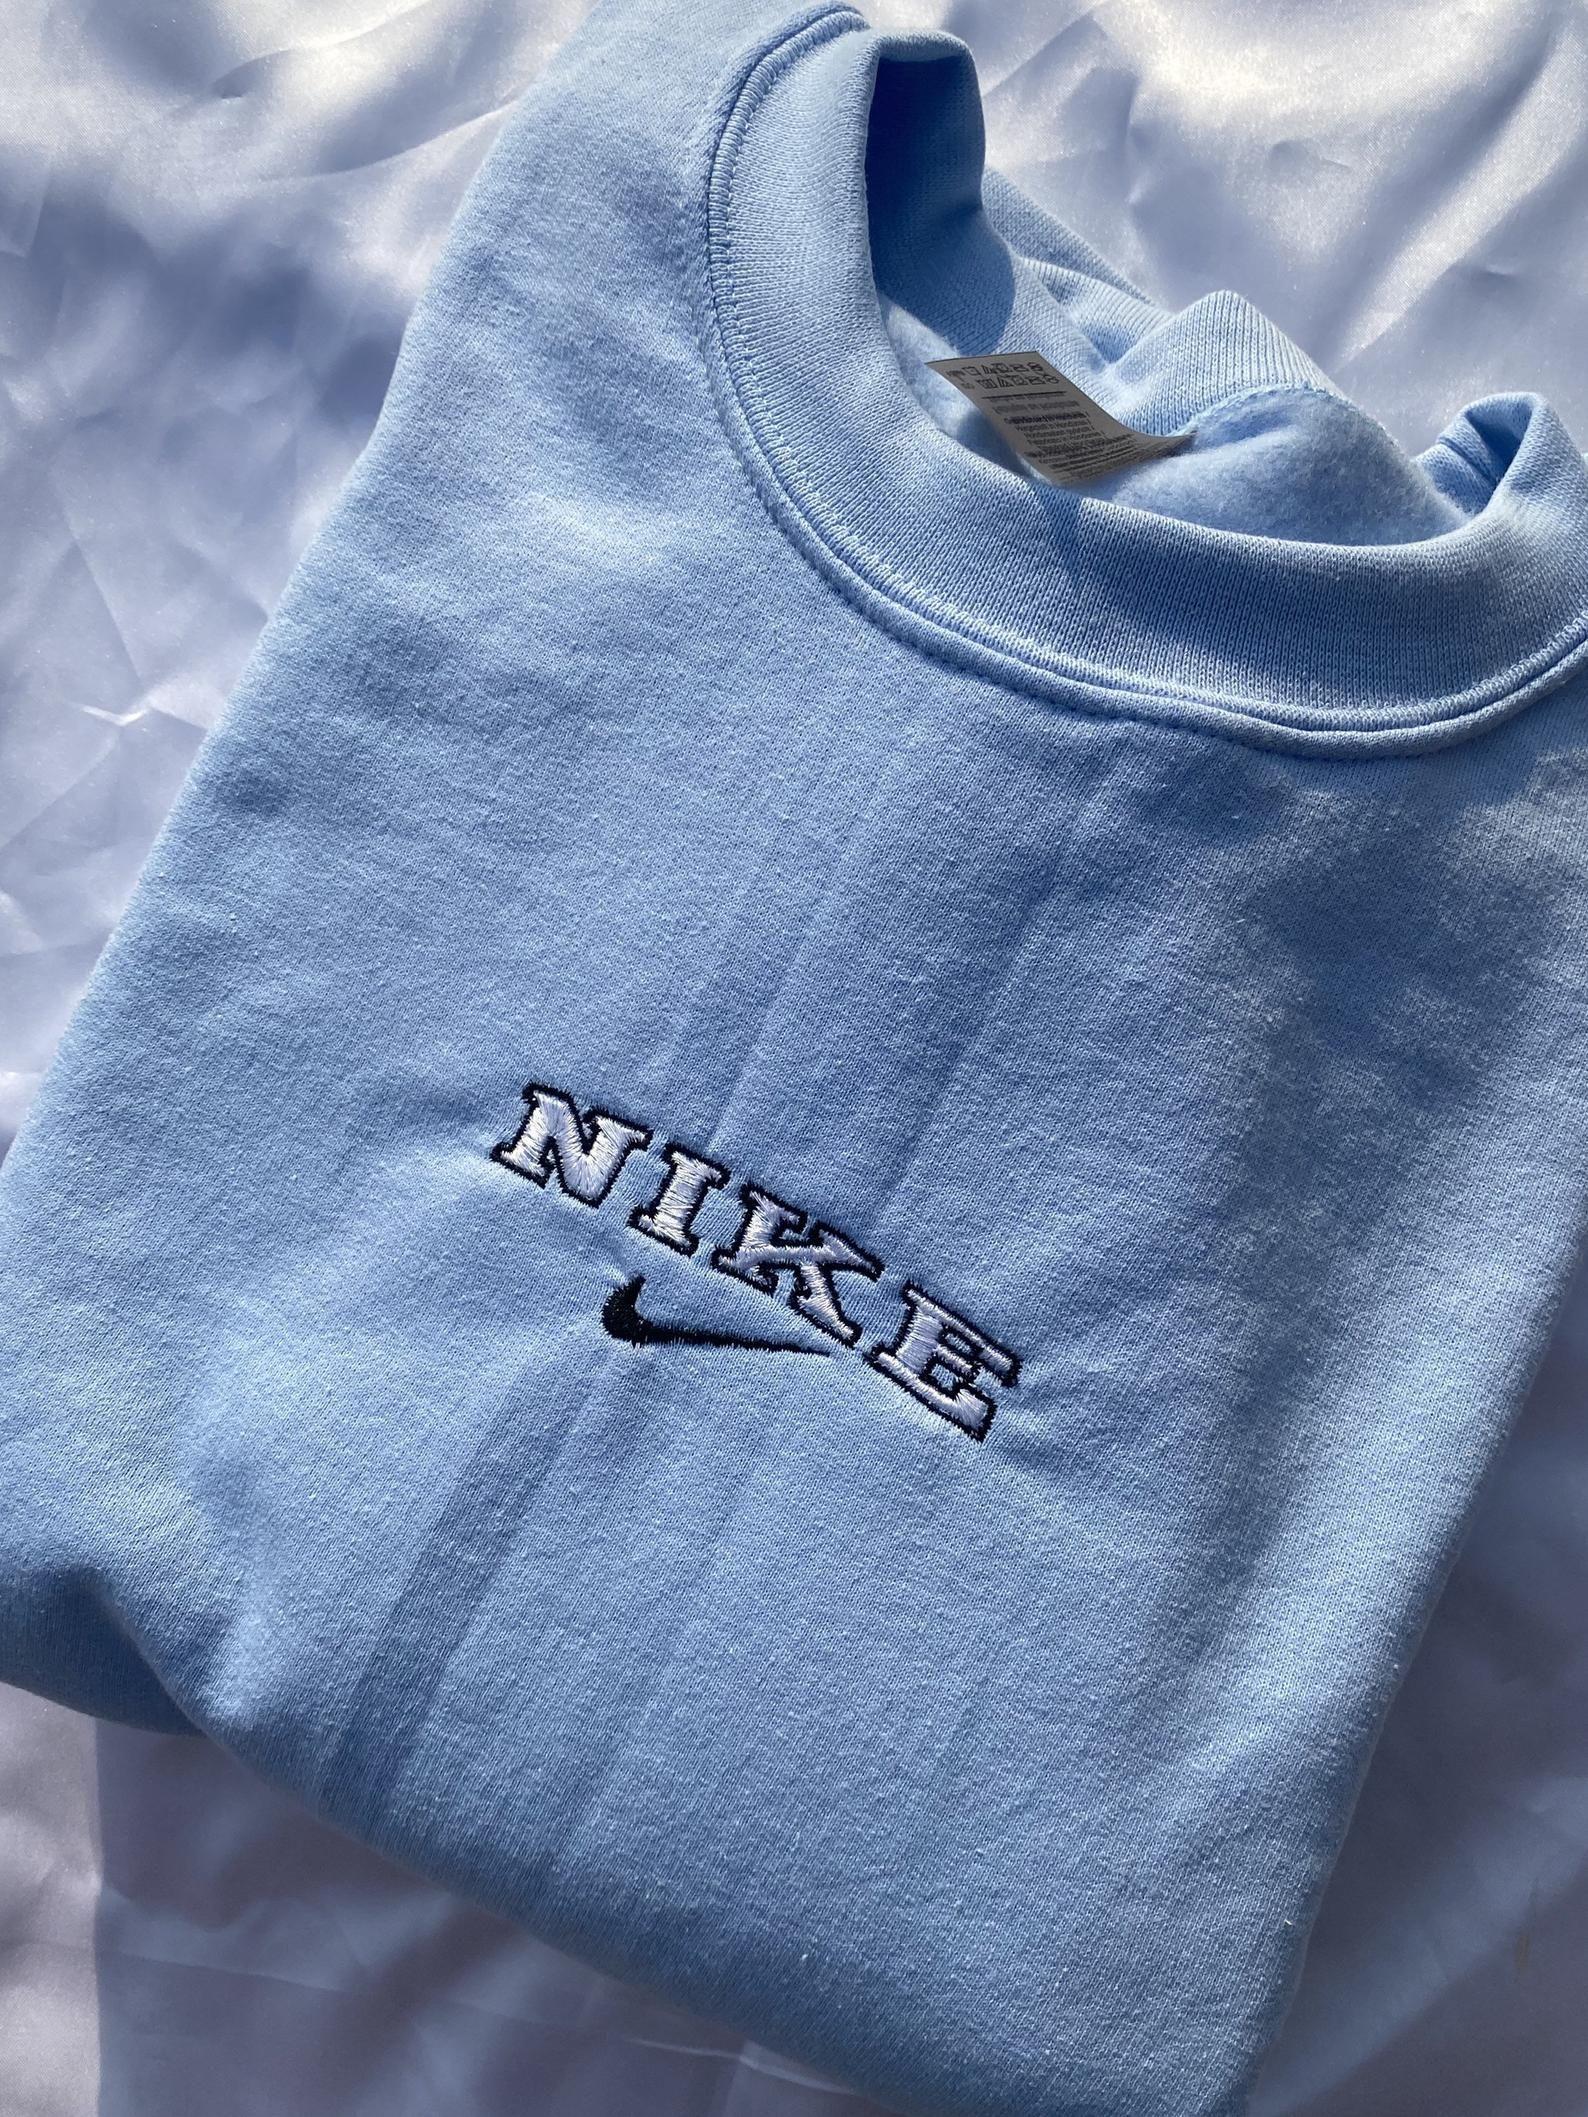 Pin By Eoconnor On Xmas List 20 Vintage Nike Sweatshirt Nike Crewneck Sweatshirt Trendy Hoodies [ 2117 x 1588 Pixel ]